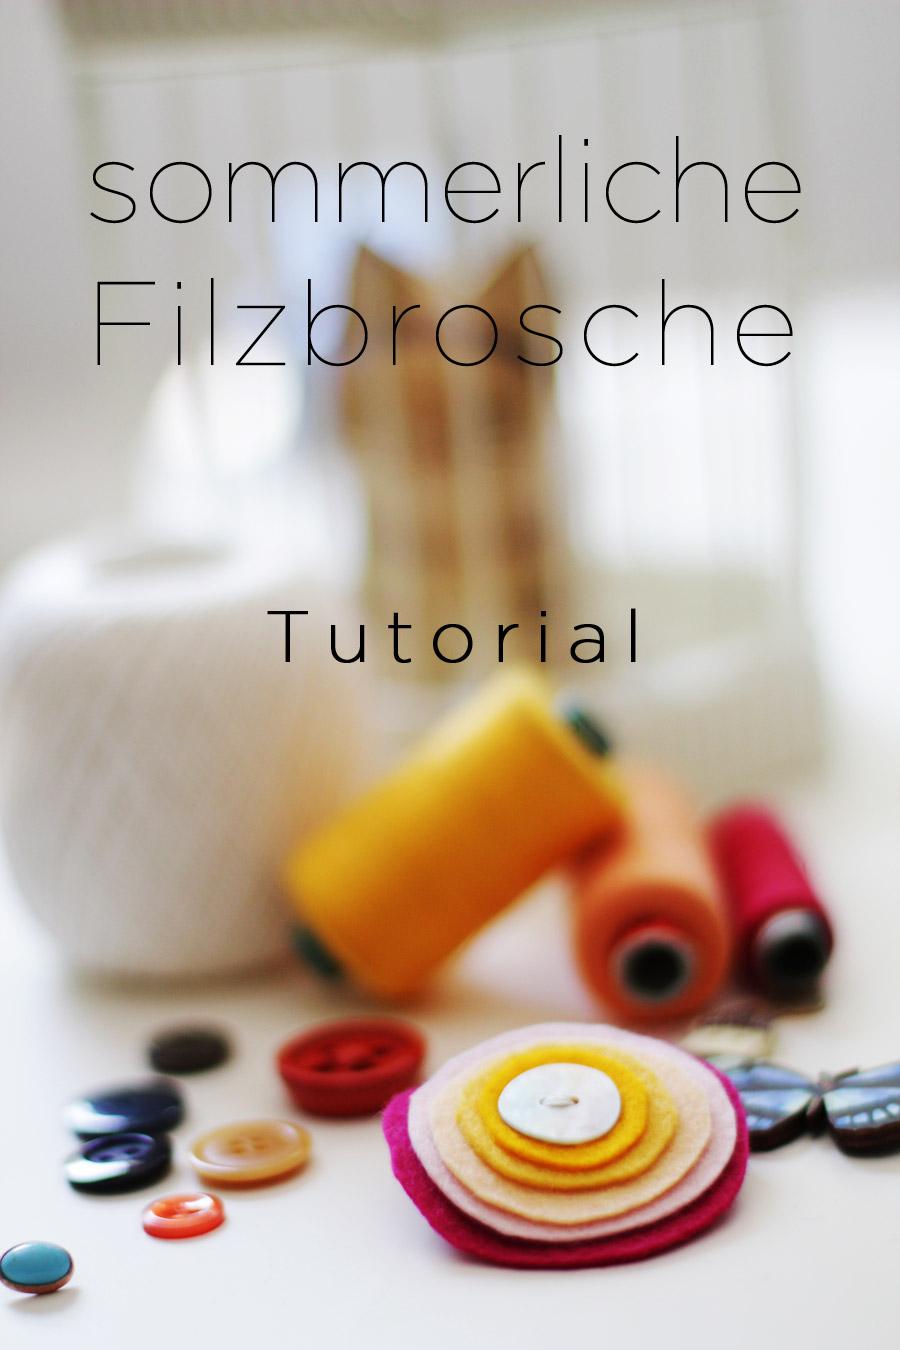 Filzbrosche1